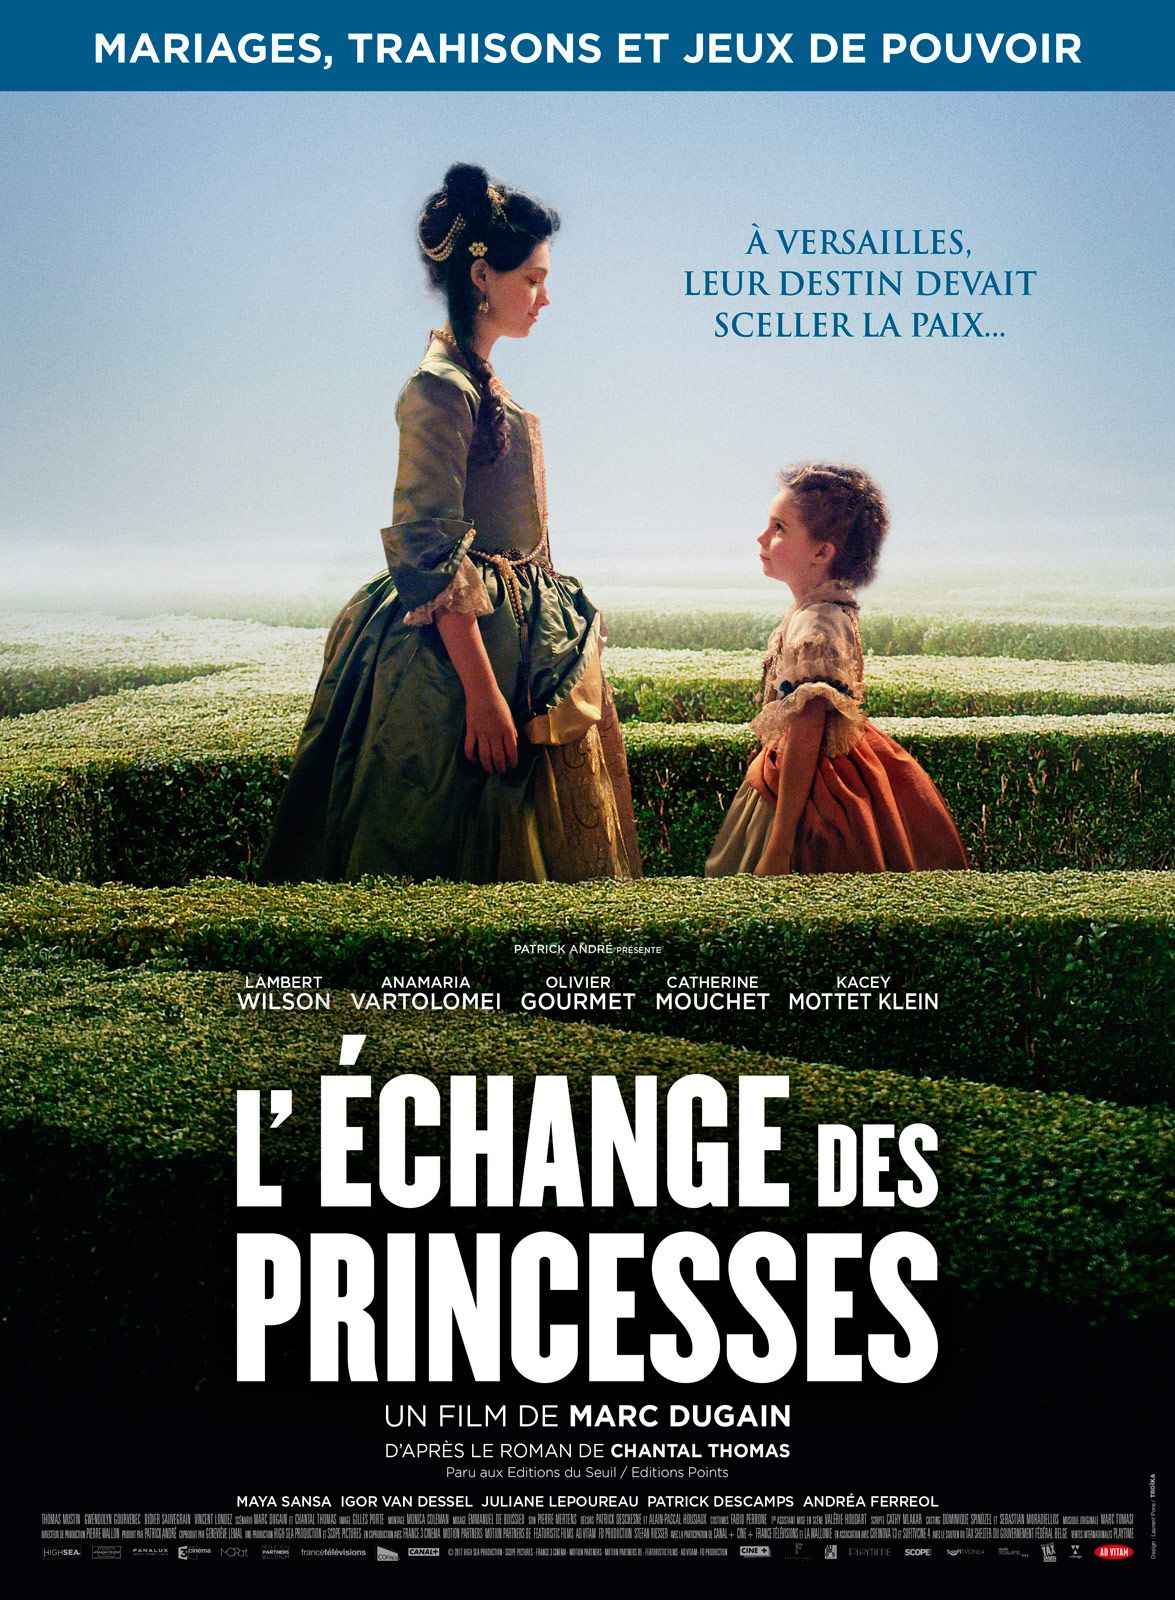 L'Échange des princesses - Film (2017)